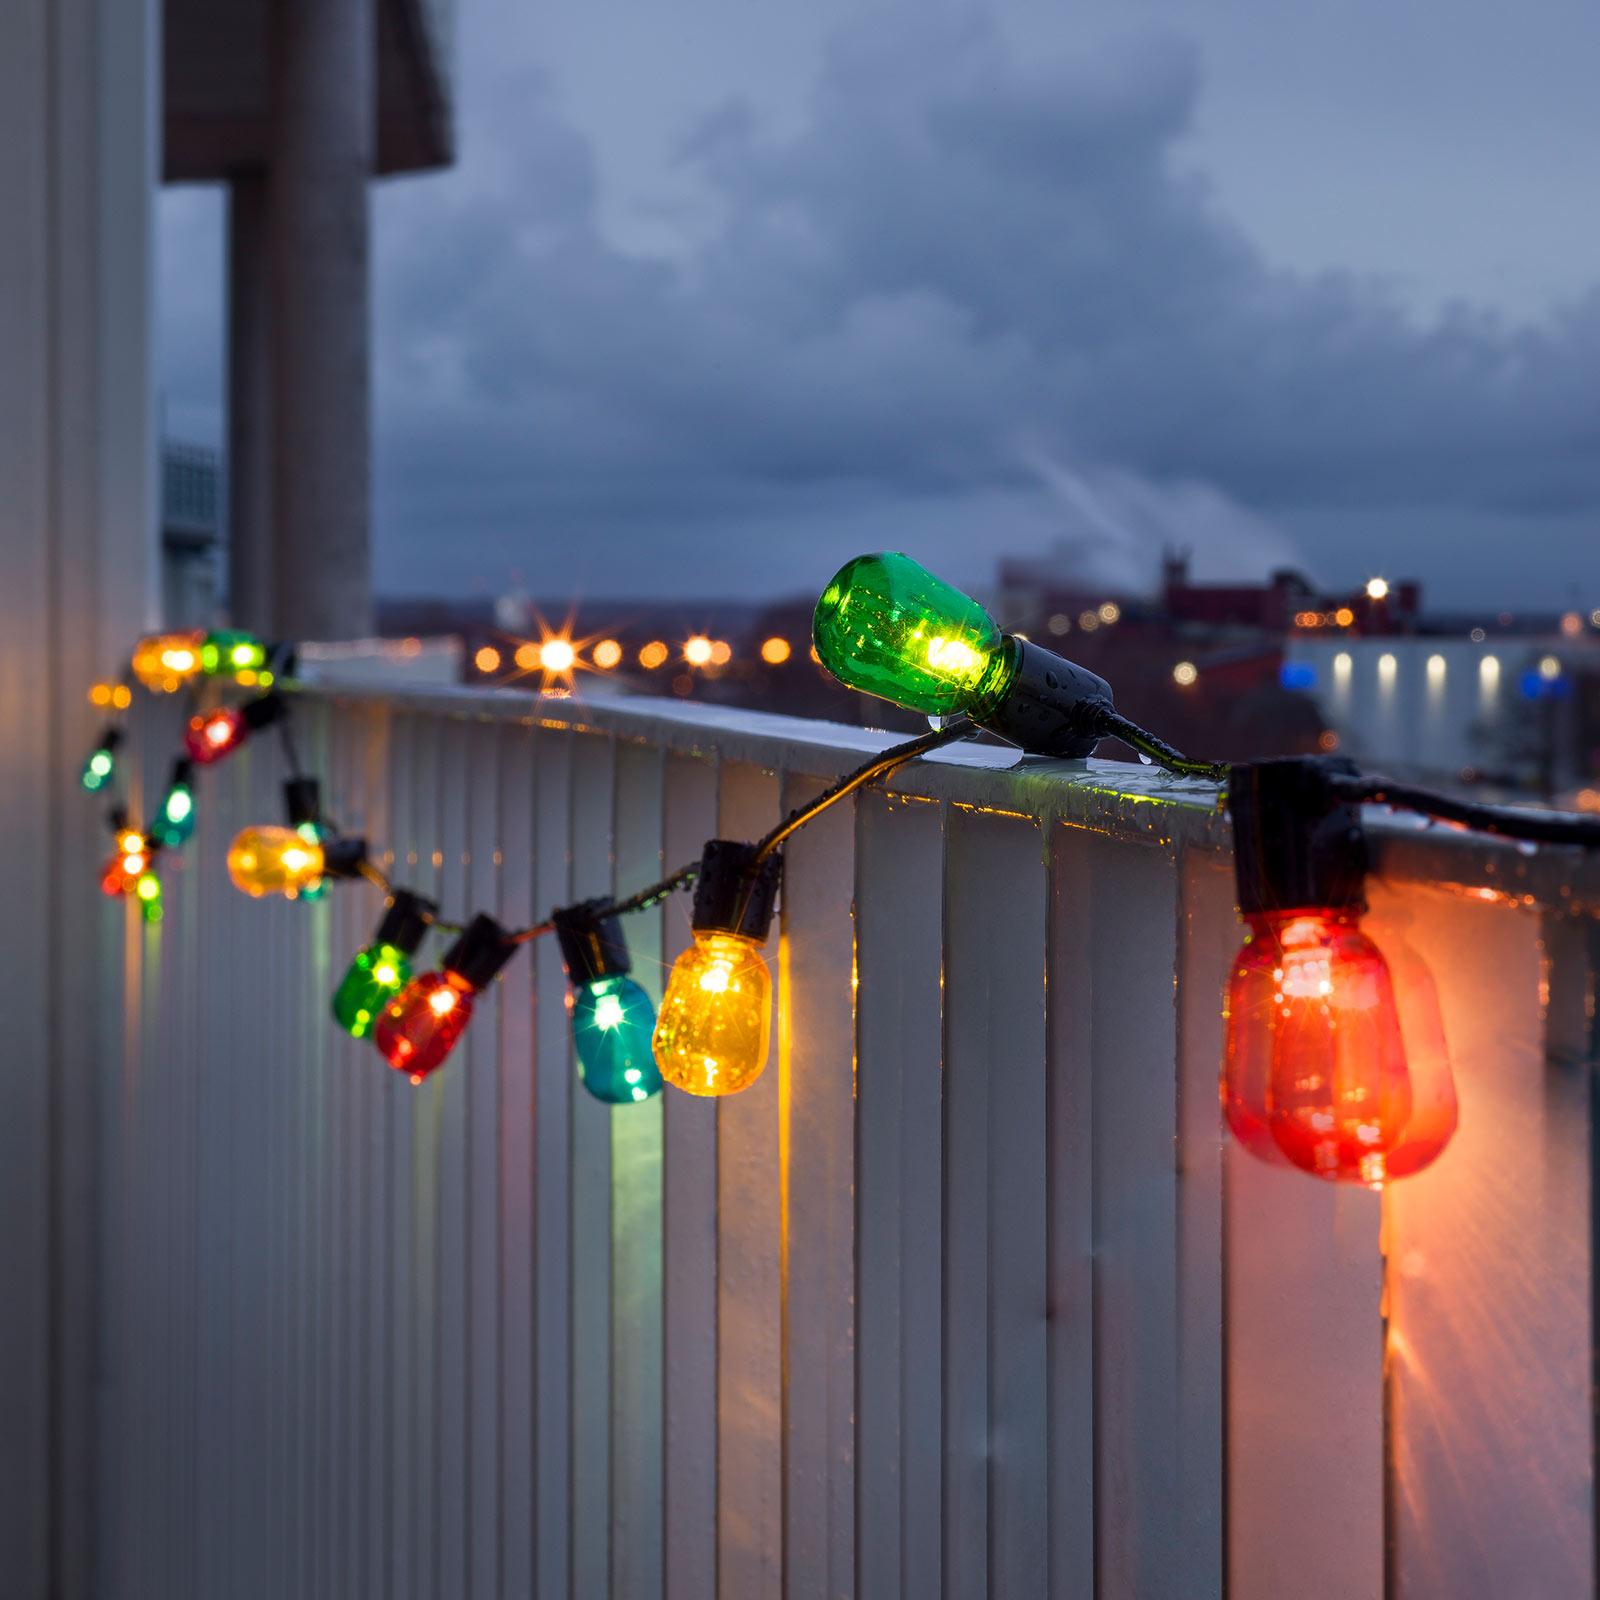 Lyslenke Biergarten 40 LED-dråper flerfarget